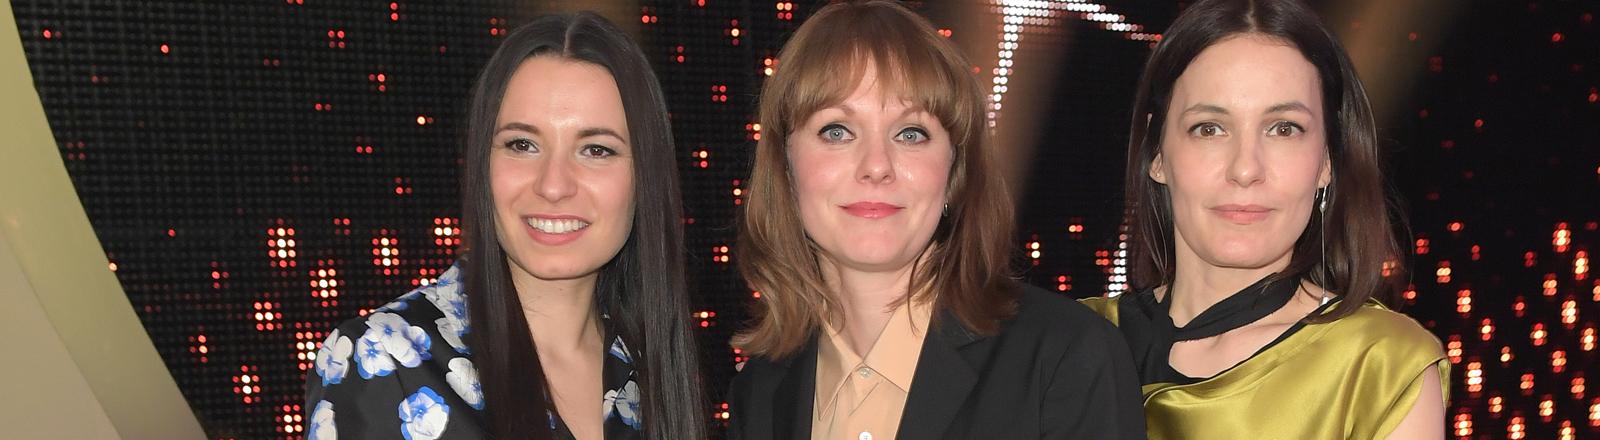 """Anne Zohra Berrached, Maren Ade und Regisseurin Nicolette Krebitz stehen am 28.04.2017 in Berlin zur Verleihung des 67. Deutschen Filmpreises """"Lola"""" zusammen."""